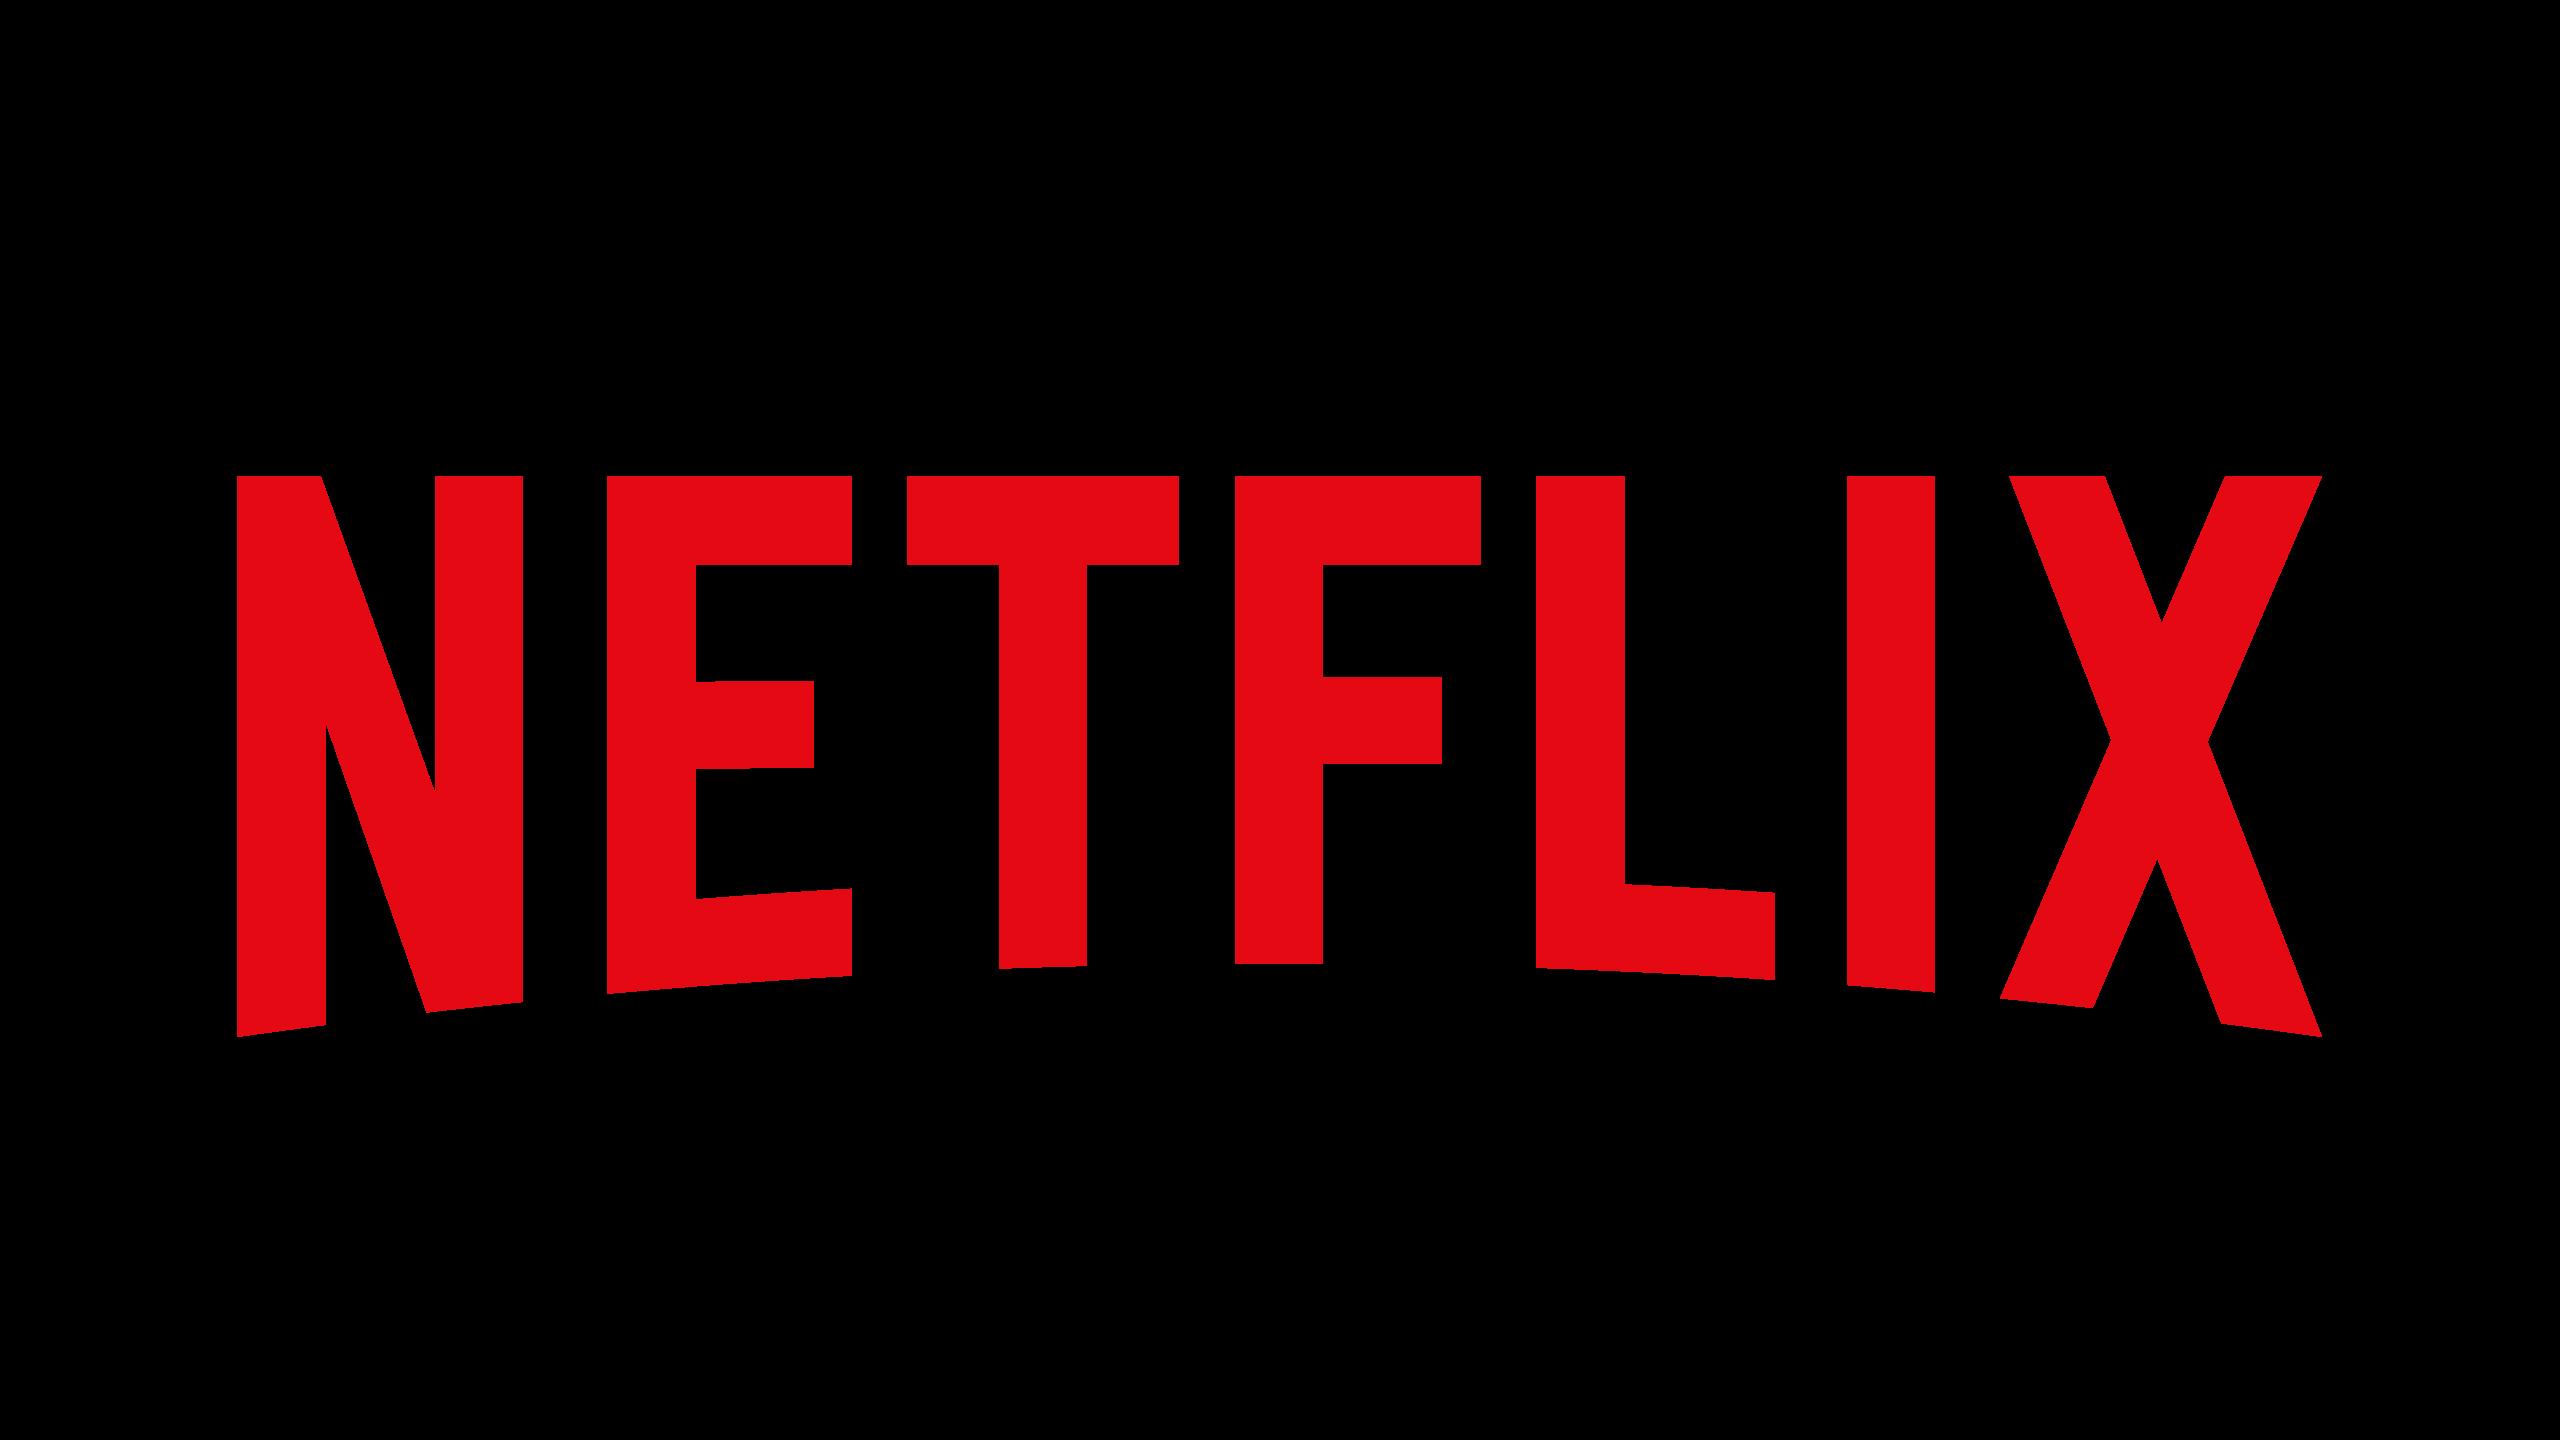 netflix gratis febrero 2017